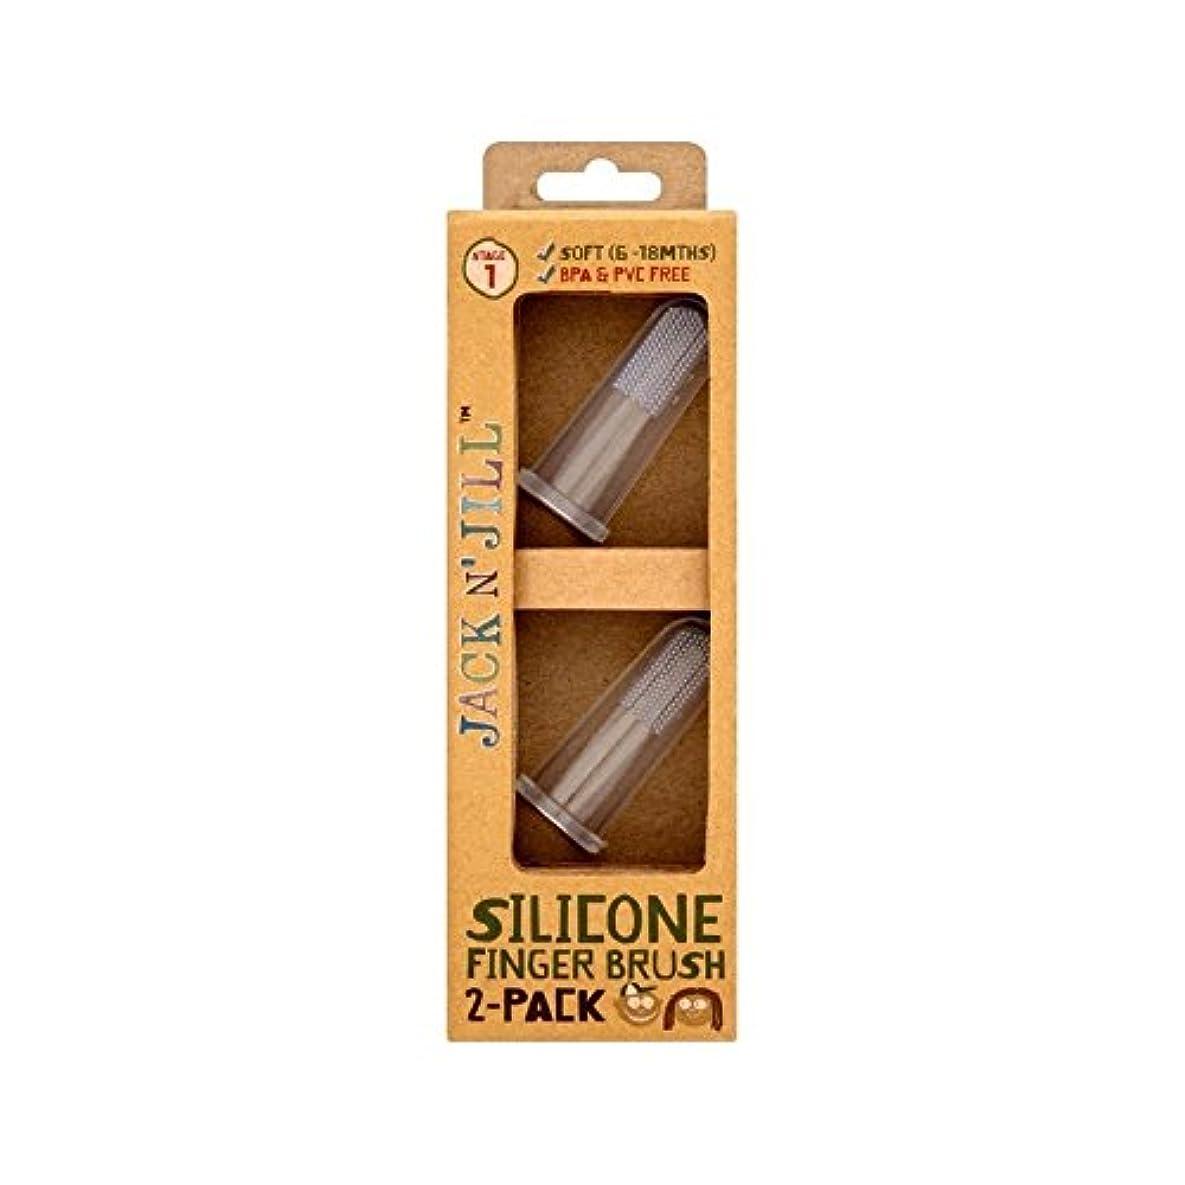 ガソリン費やす初心者シリコーン指ブラシ2パックあたりパック2 (Jack N Jill) (x 2) - Jack N' Jill Silicone Finger Brush 2 Pack 2 per pack (Pack of 2) [並行輸入品]